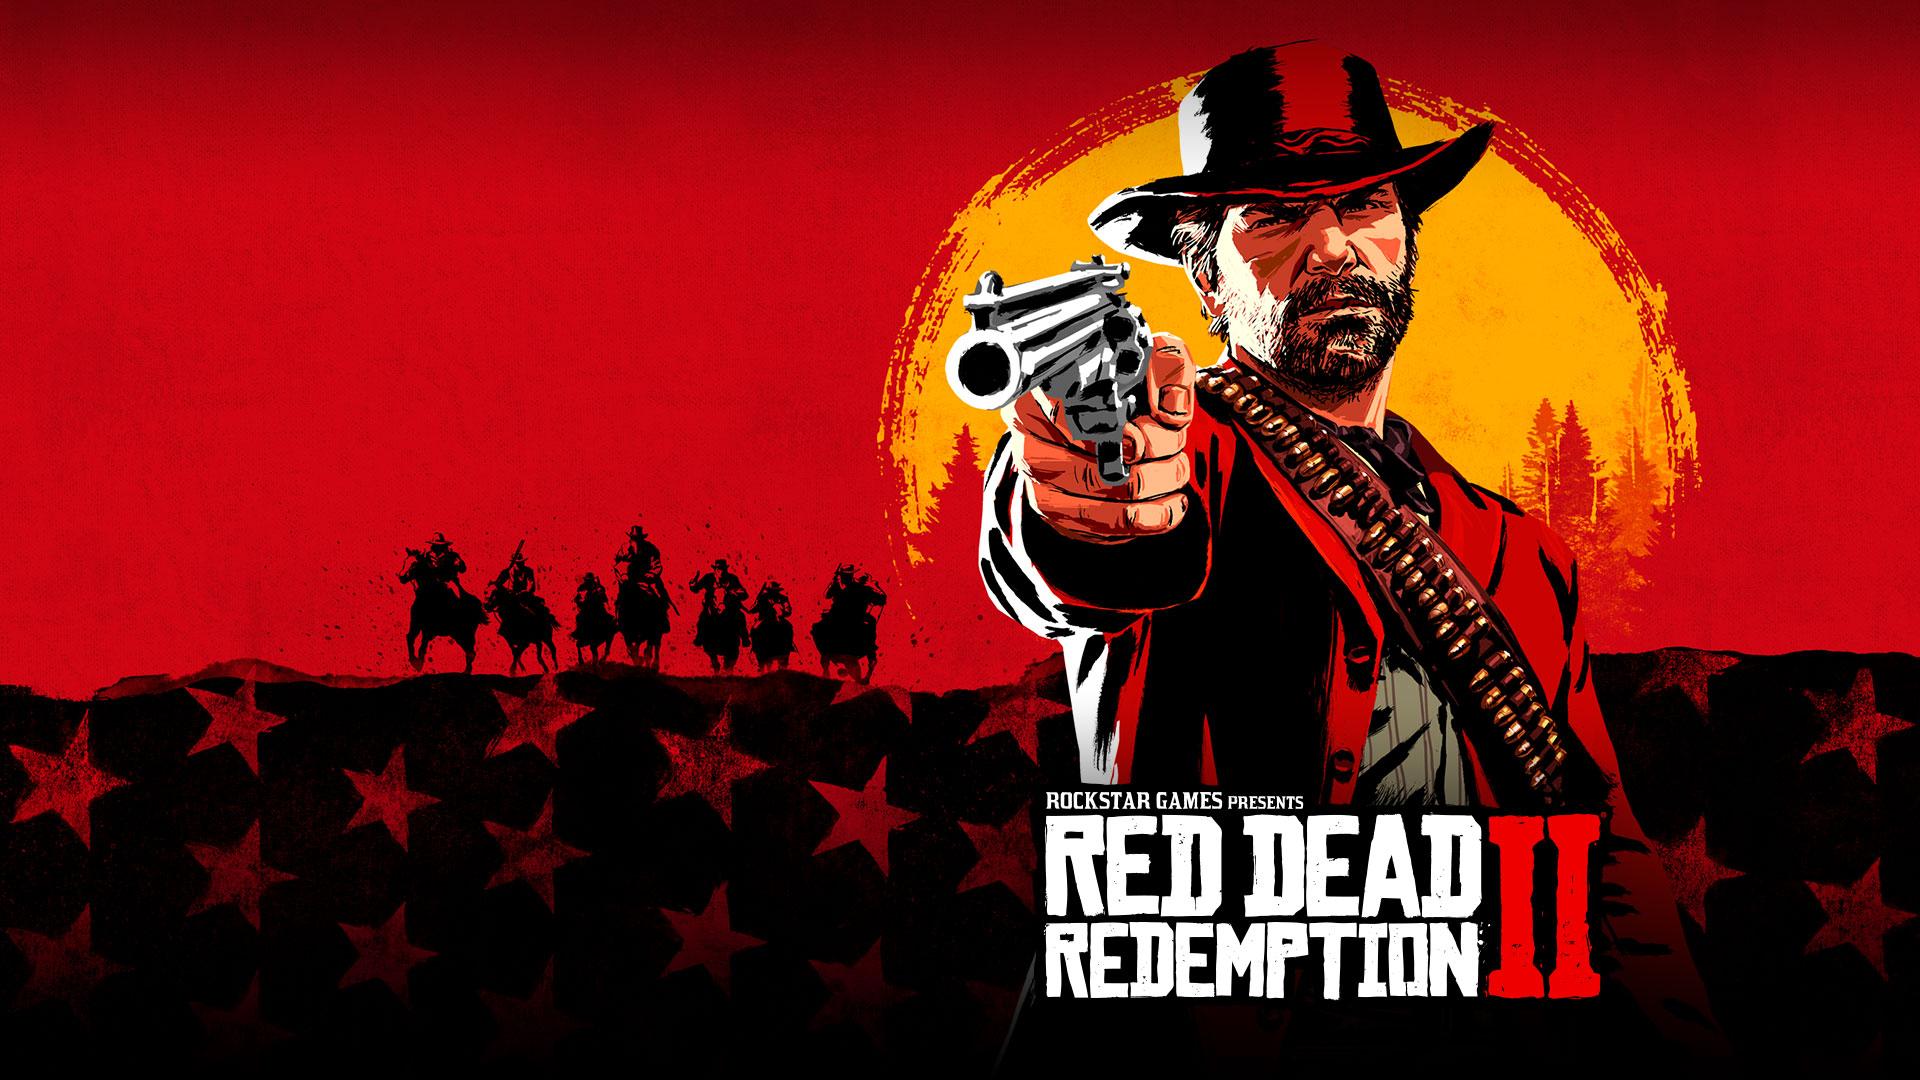 A Rockstar Games Apresenta Red Dead Redemption 2, Composição artística de Arthur Morgan a apontar um revólver com o pôr-do-sol atrás de si.